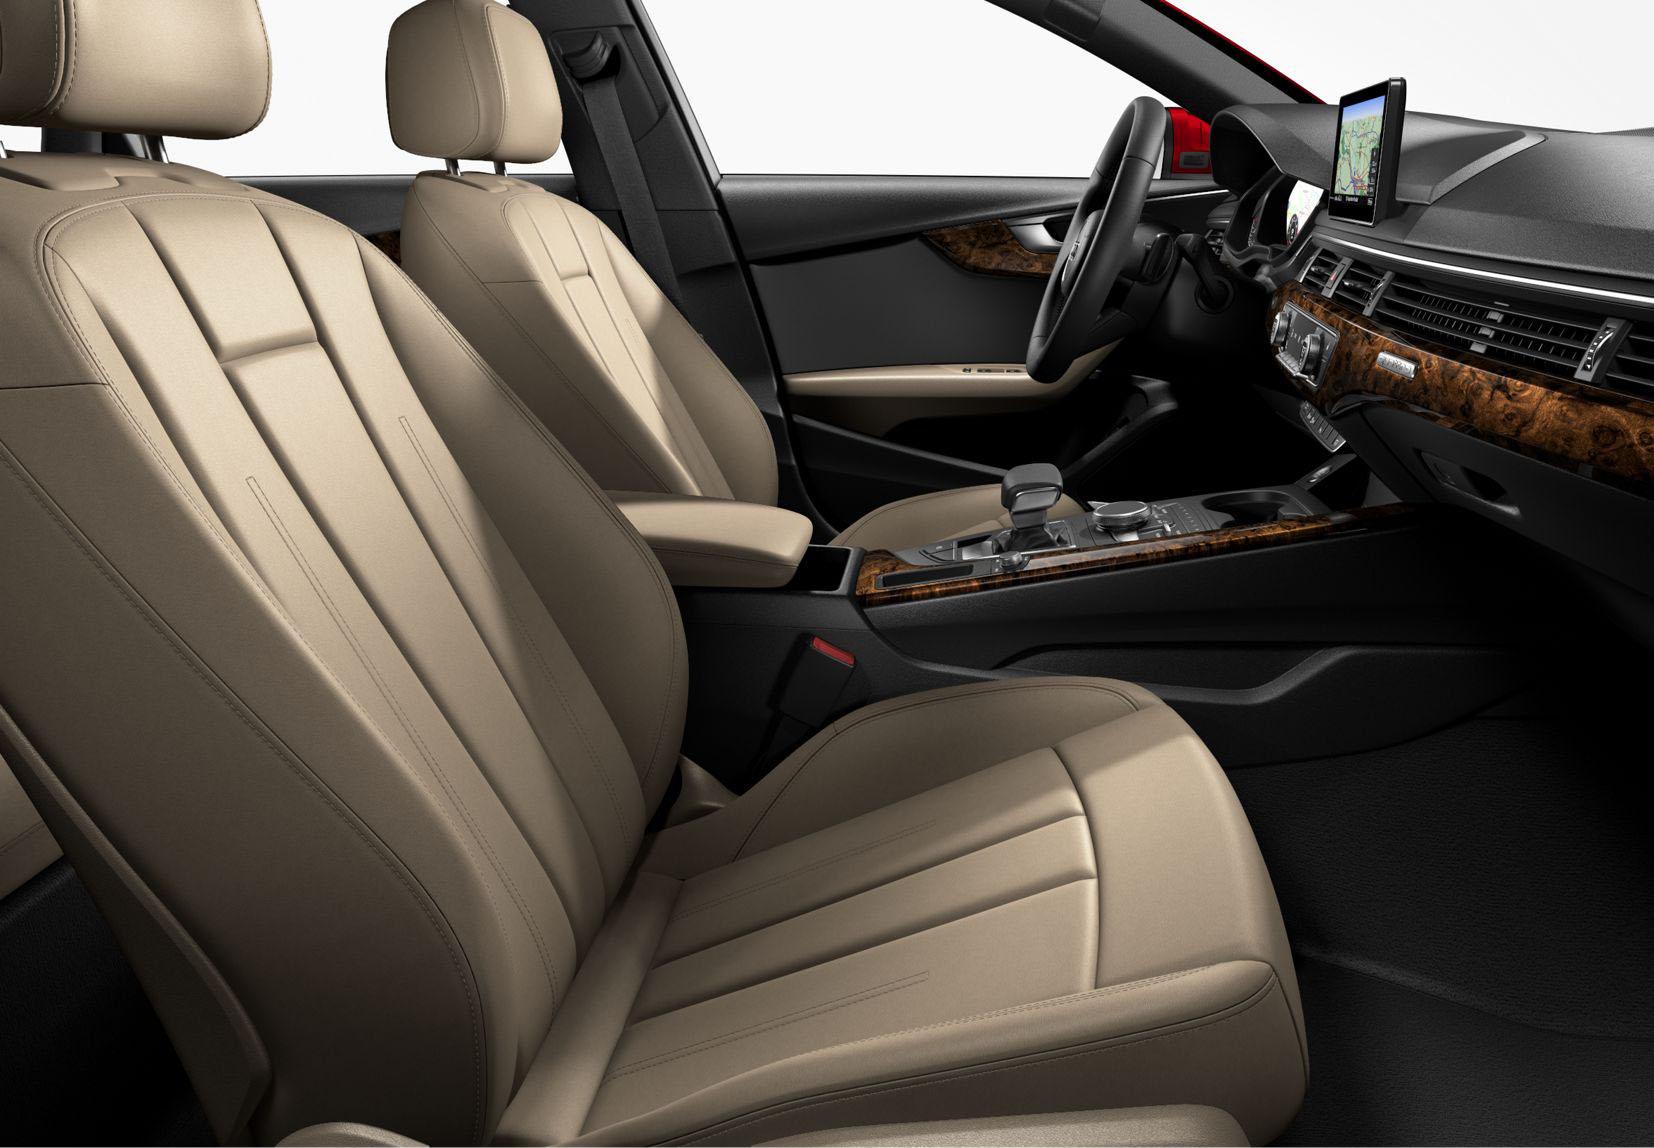 2017 Audi A4 Interior - Front seats